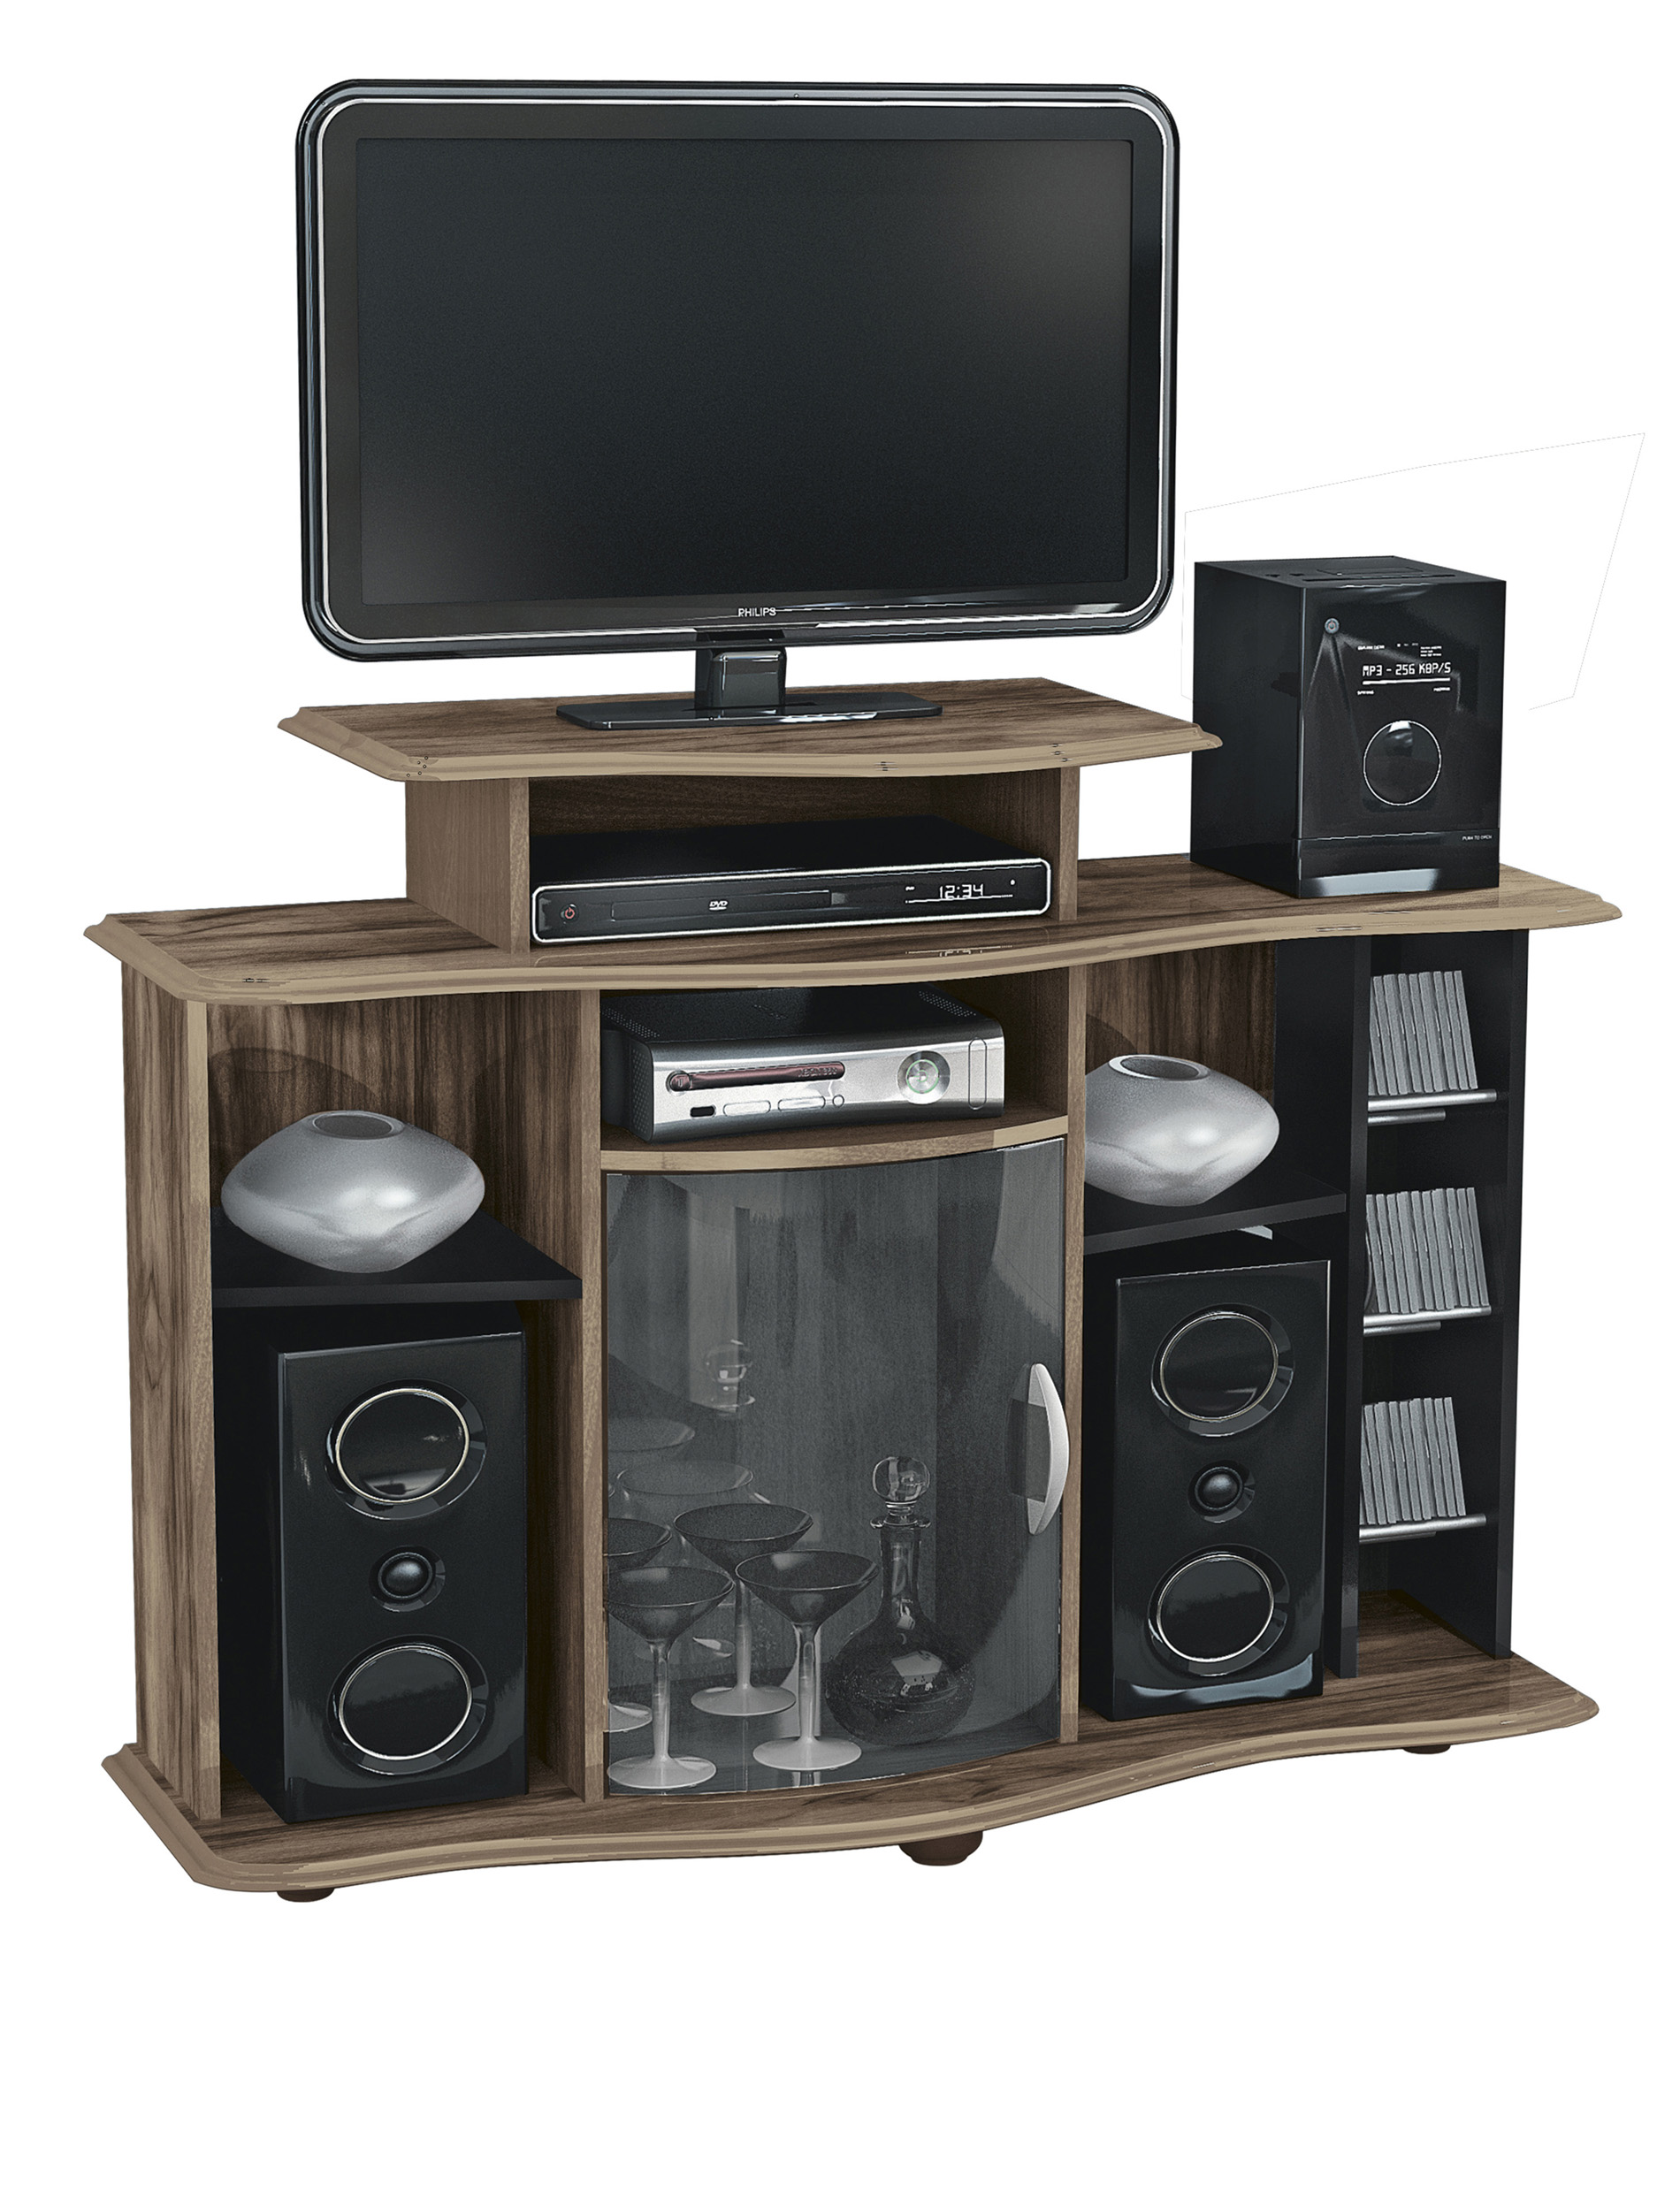 mueble para tv pantalla equipo de sonido milao cod 5165